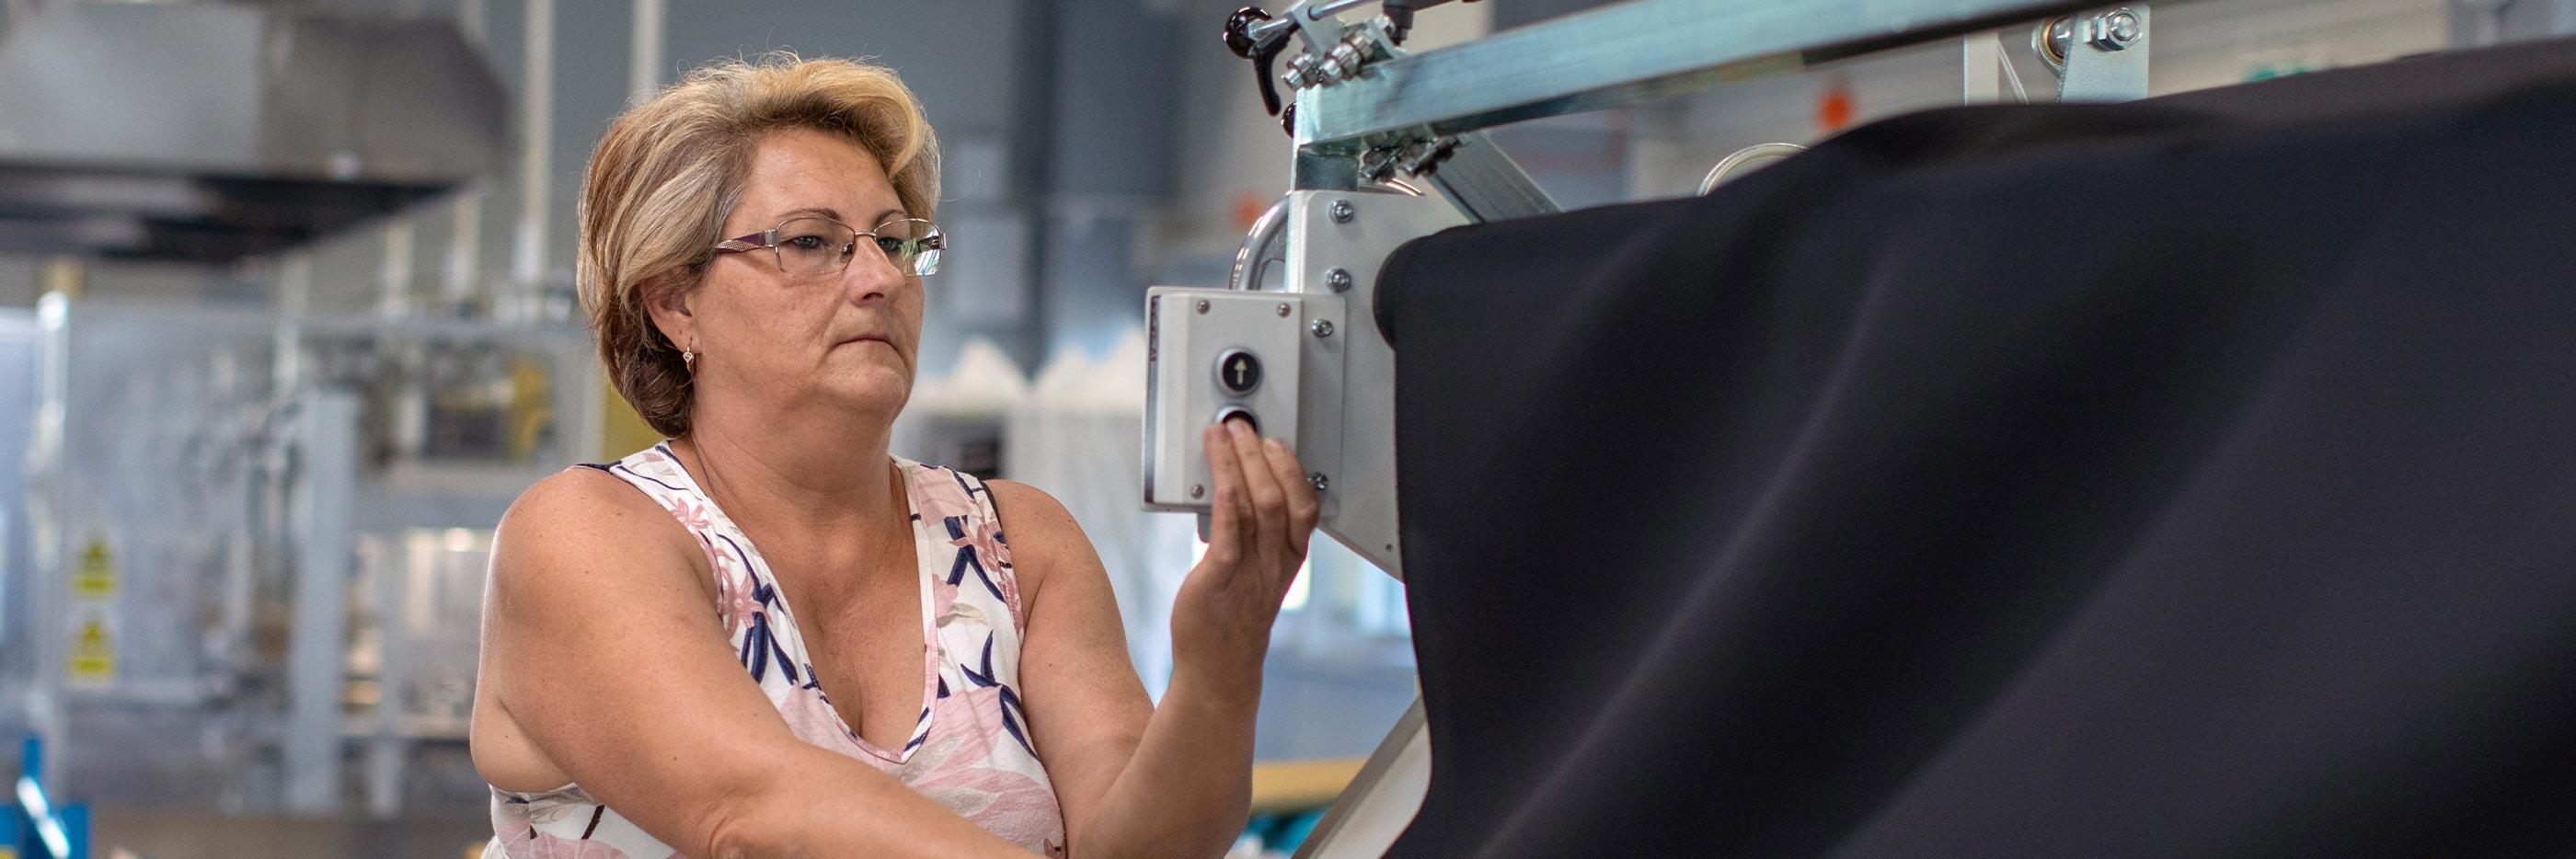 Mitarbeiterin bedient eine Zuschneidemaschine mit dunklem Stoff darauf | mey®